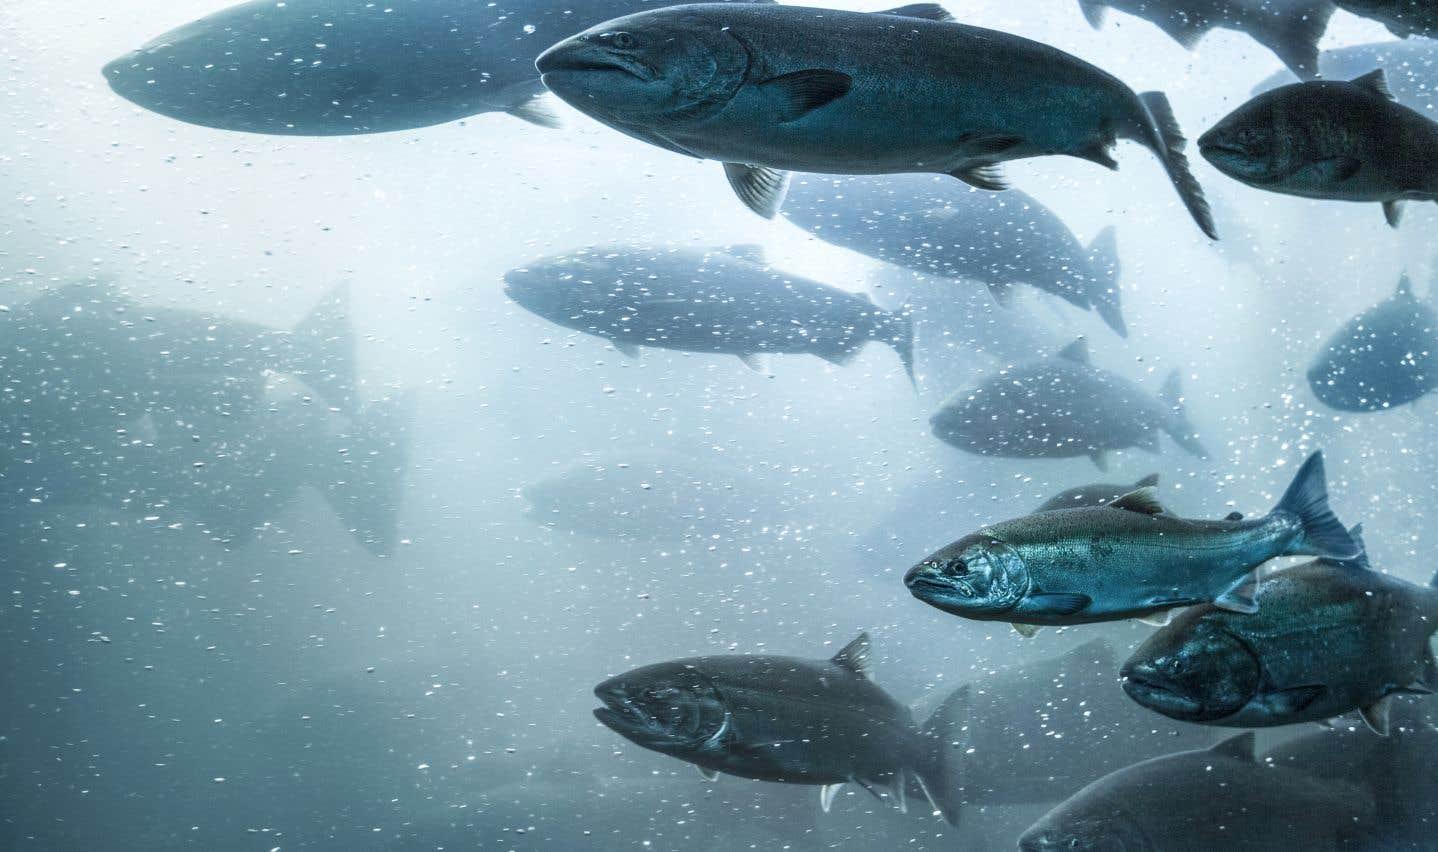 Le projet nécessiterait l'importation d'œufs de saumon de l'Islande, où des cas d'anémie infectieuse ont déjà été détectés.